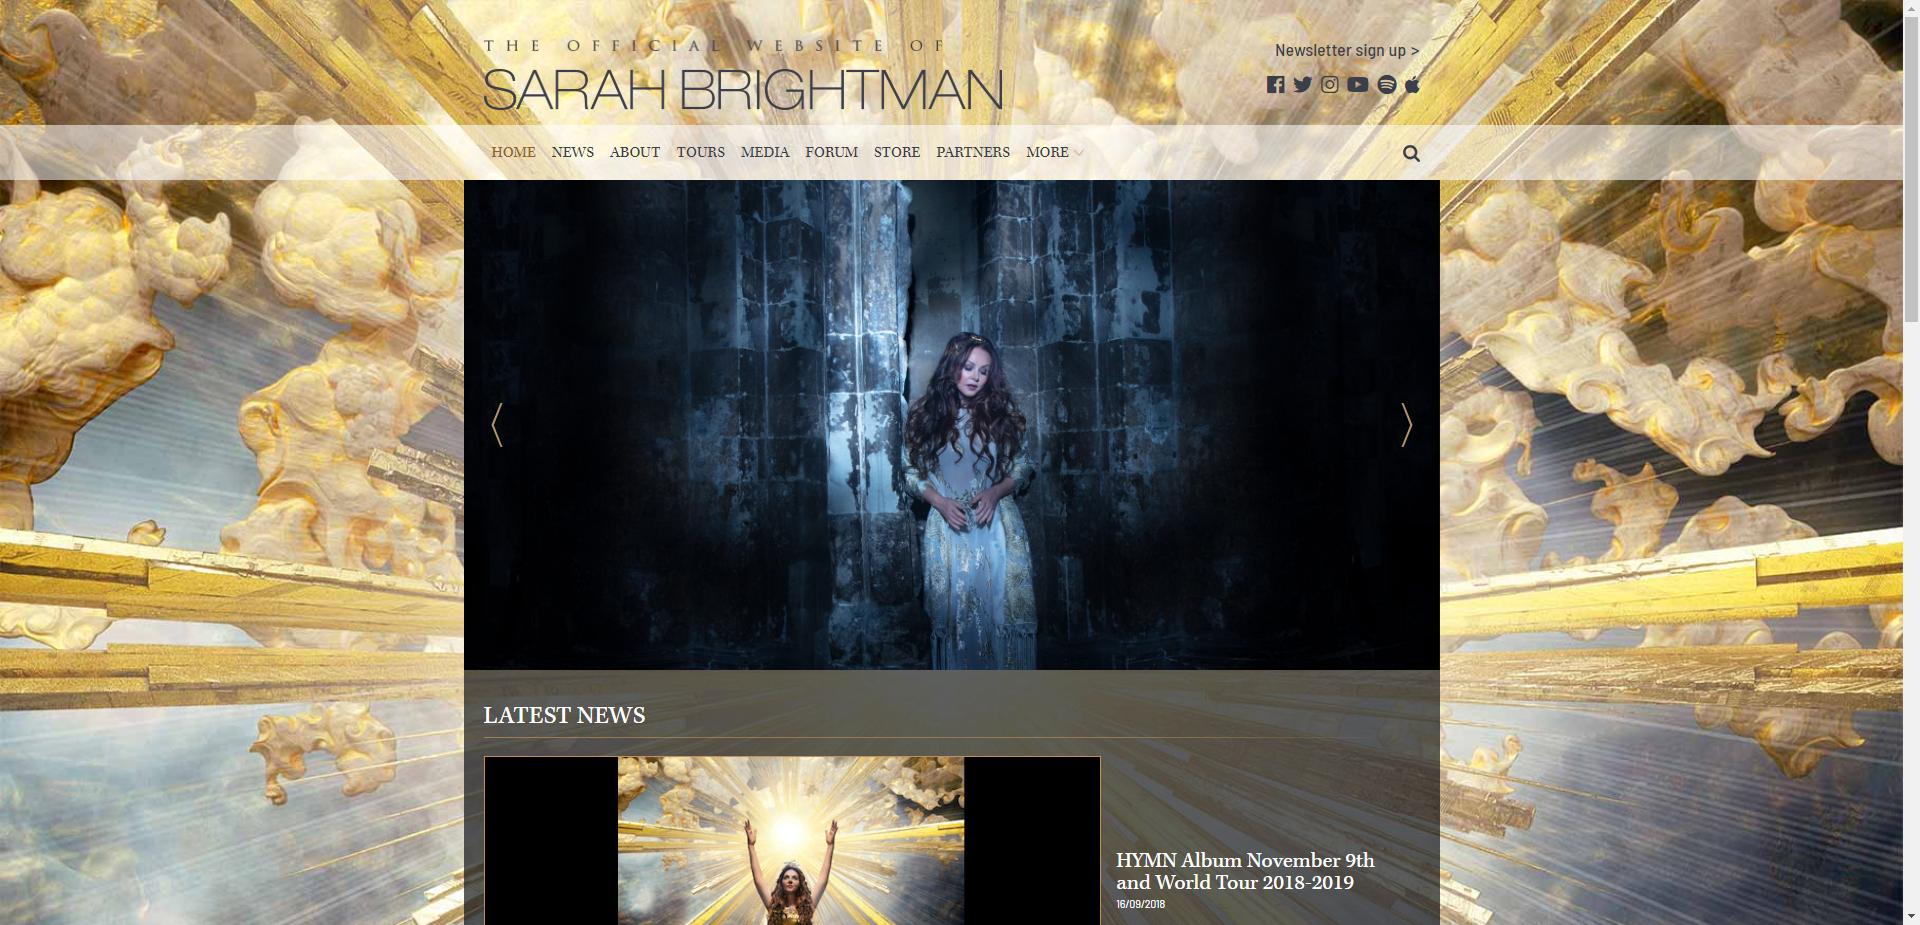 Новый дизайн официального сайта Сары Братйман.